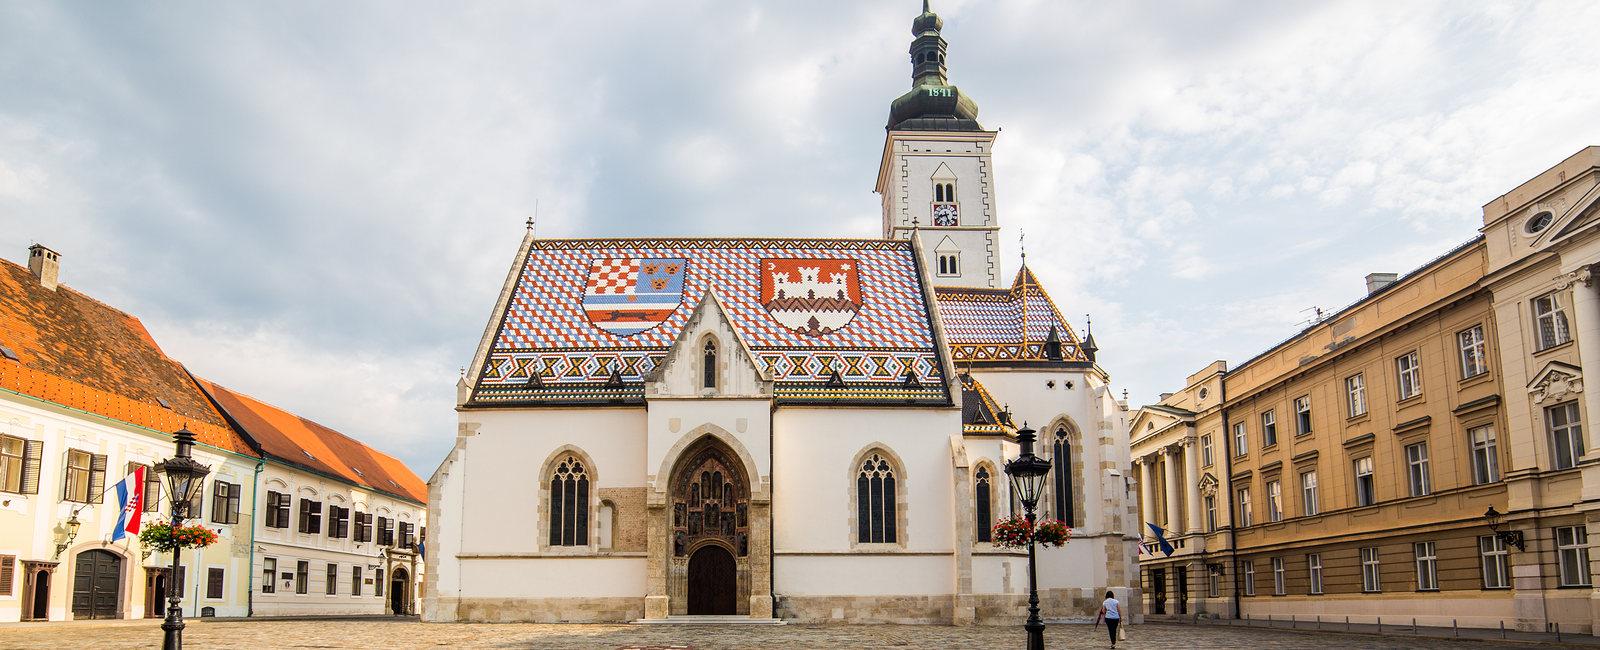 hırvatistan zagreb